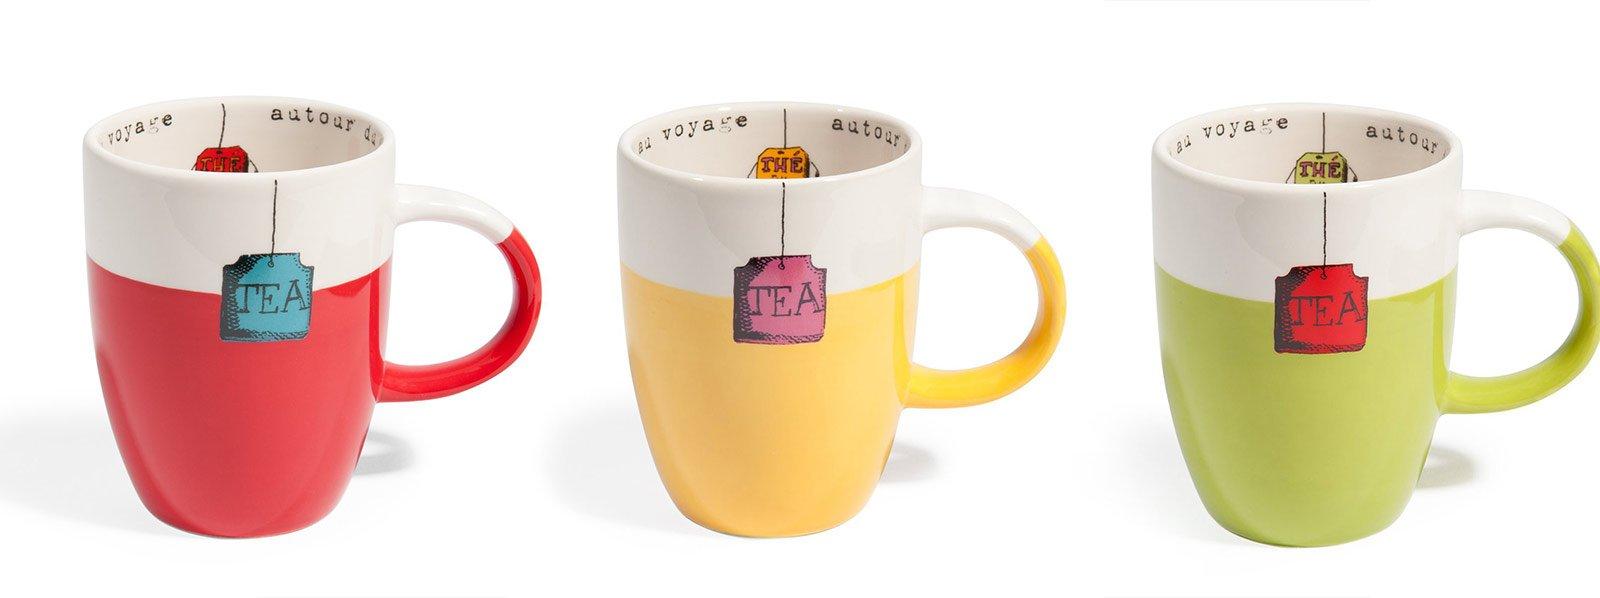 Tazze per il te boiserie in ceramica per bagno - Tazze colazione ikea ...